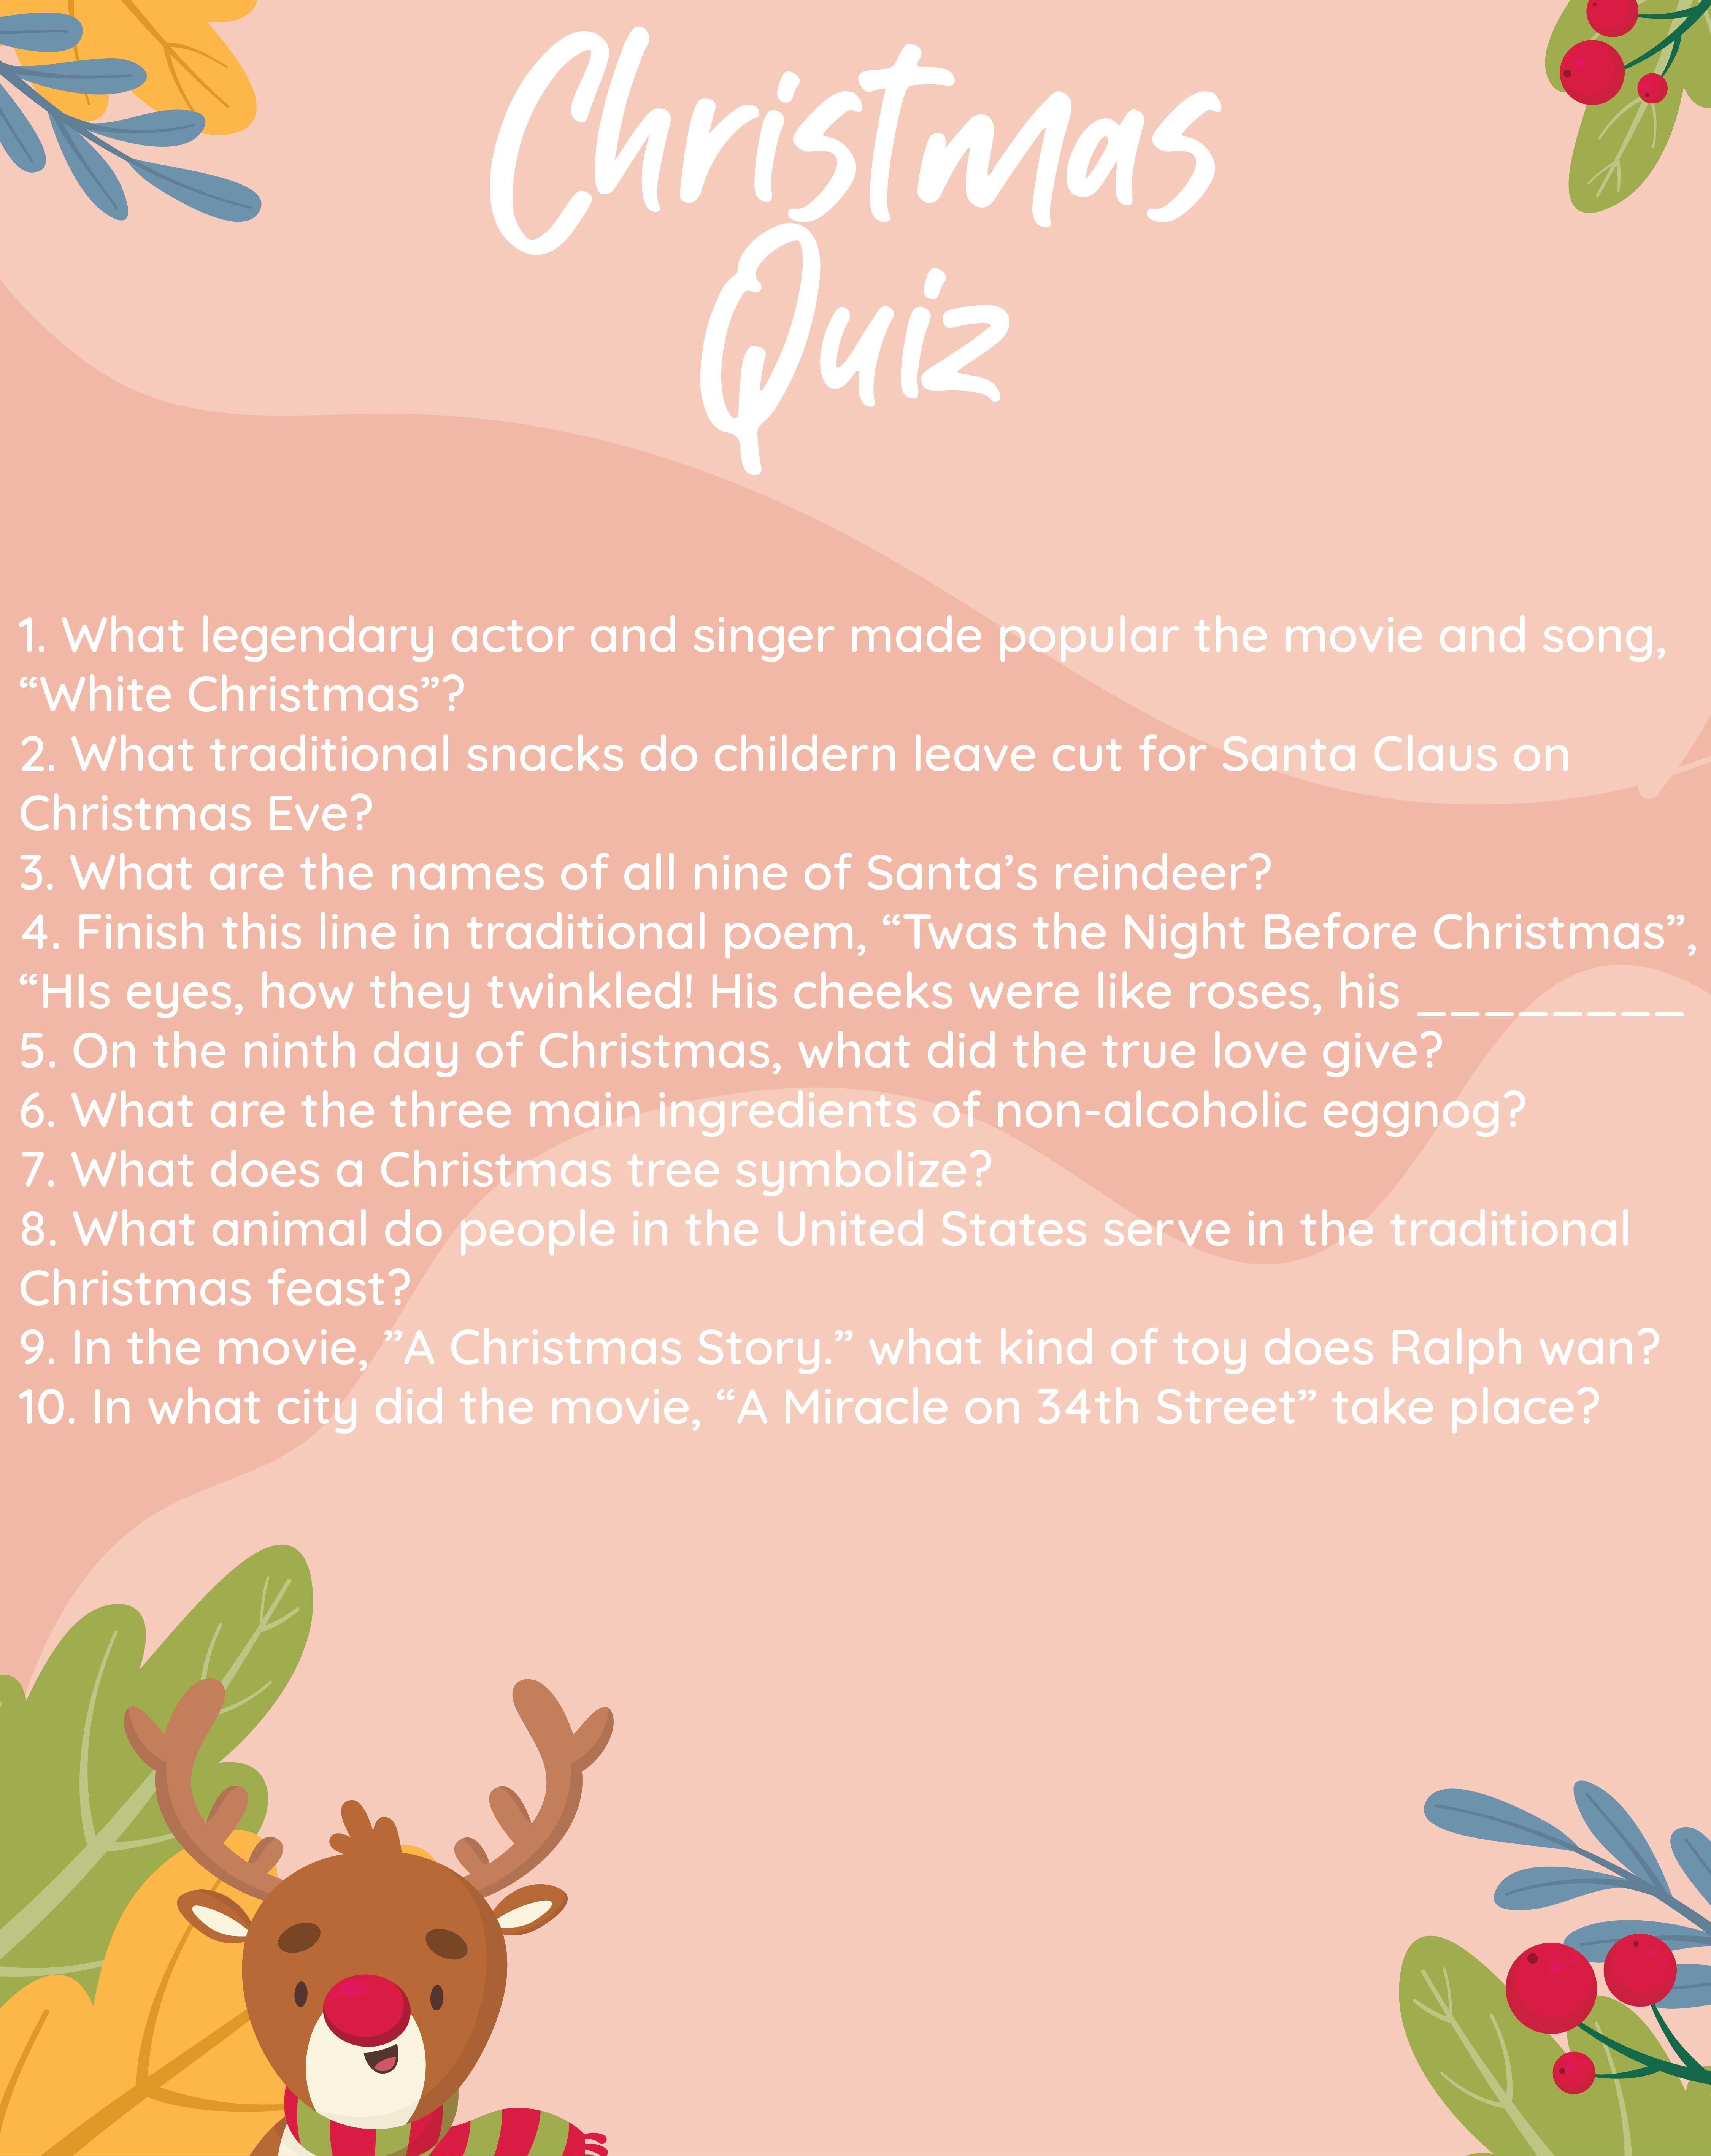 Christmas Printable Trivia with Answers